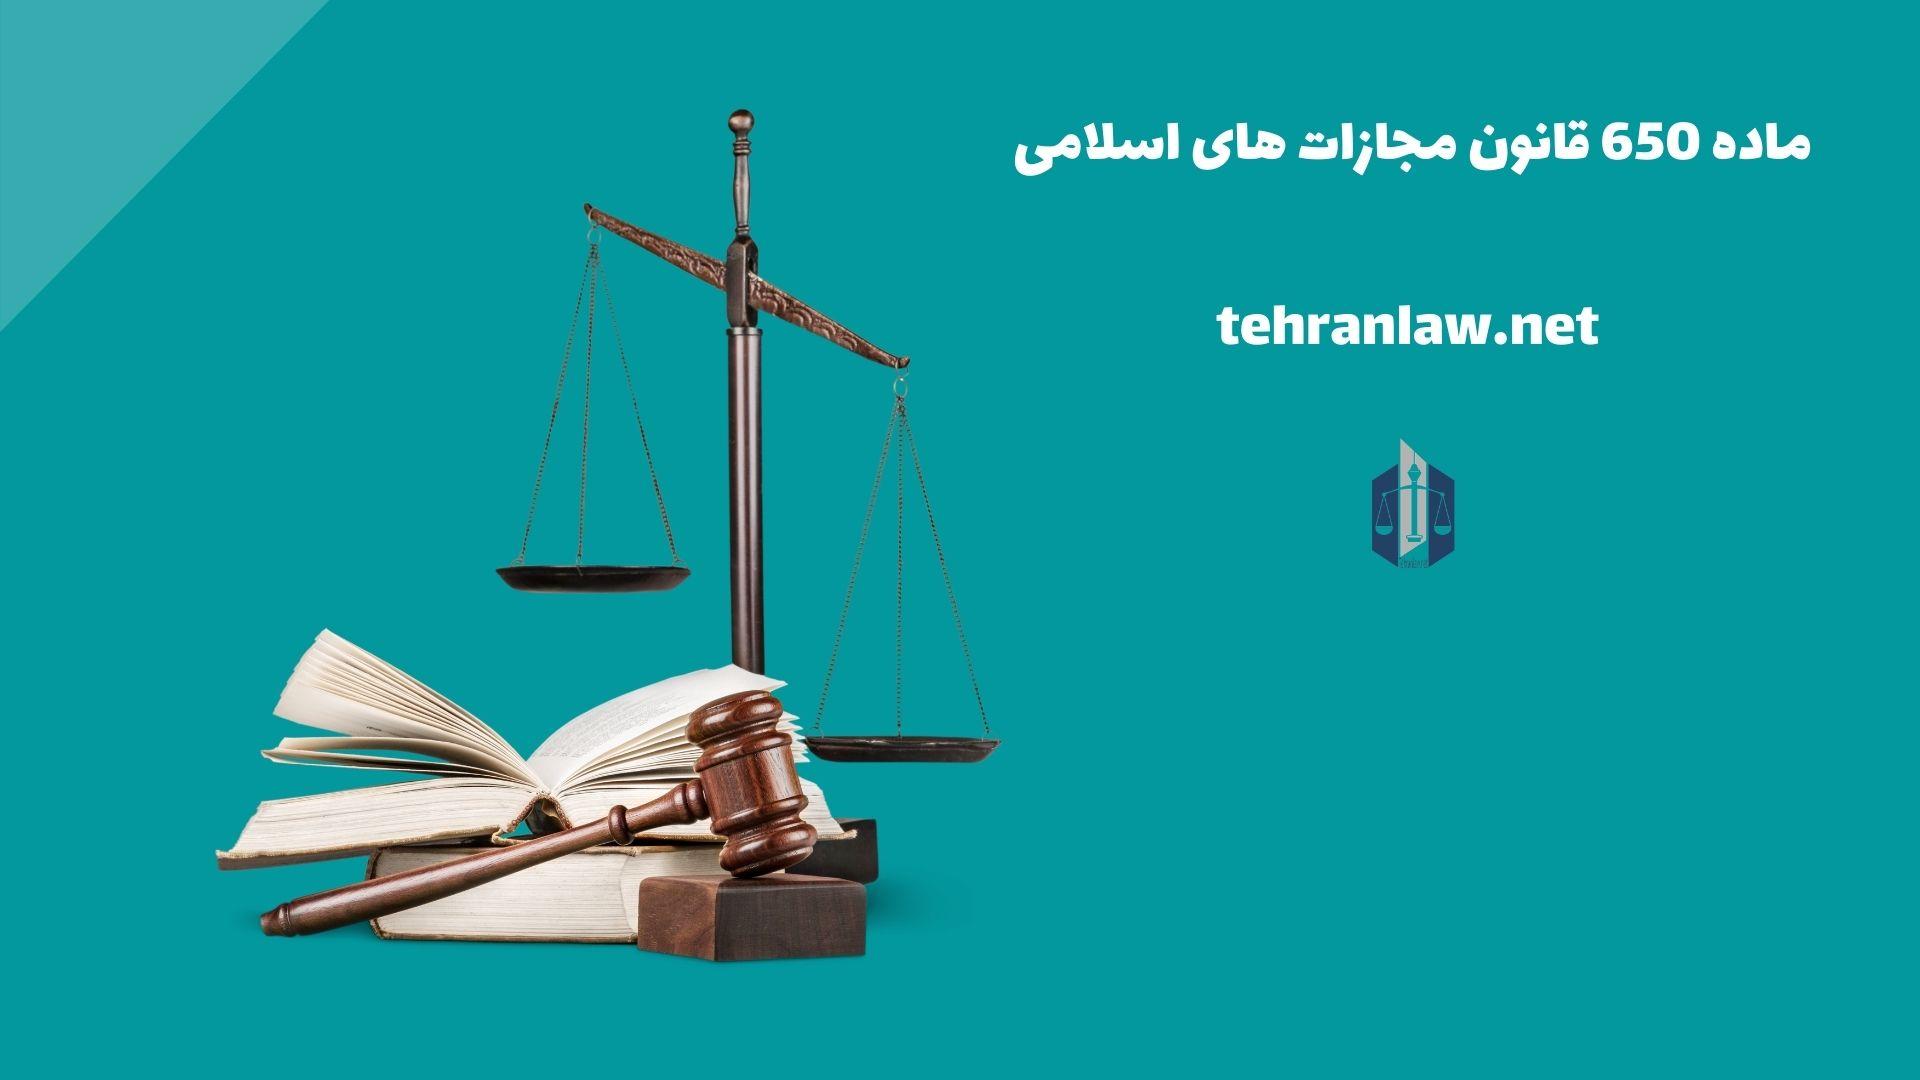 ماده 650 قانون مجازات های اسلامی